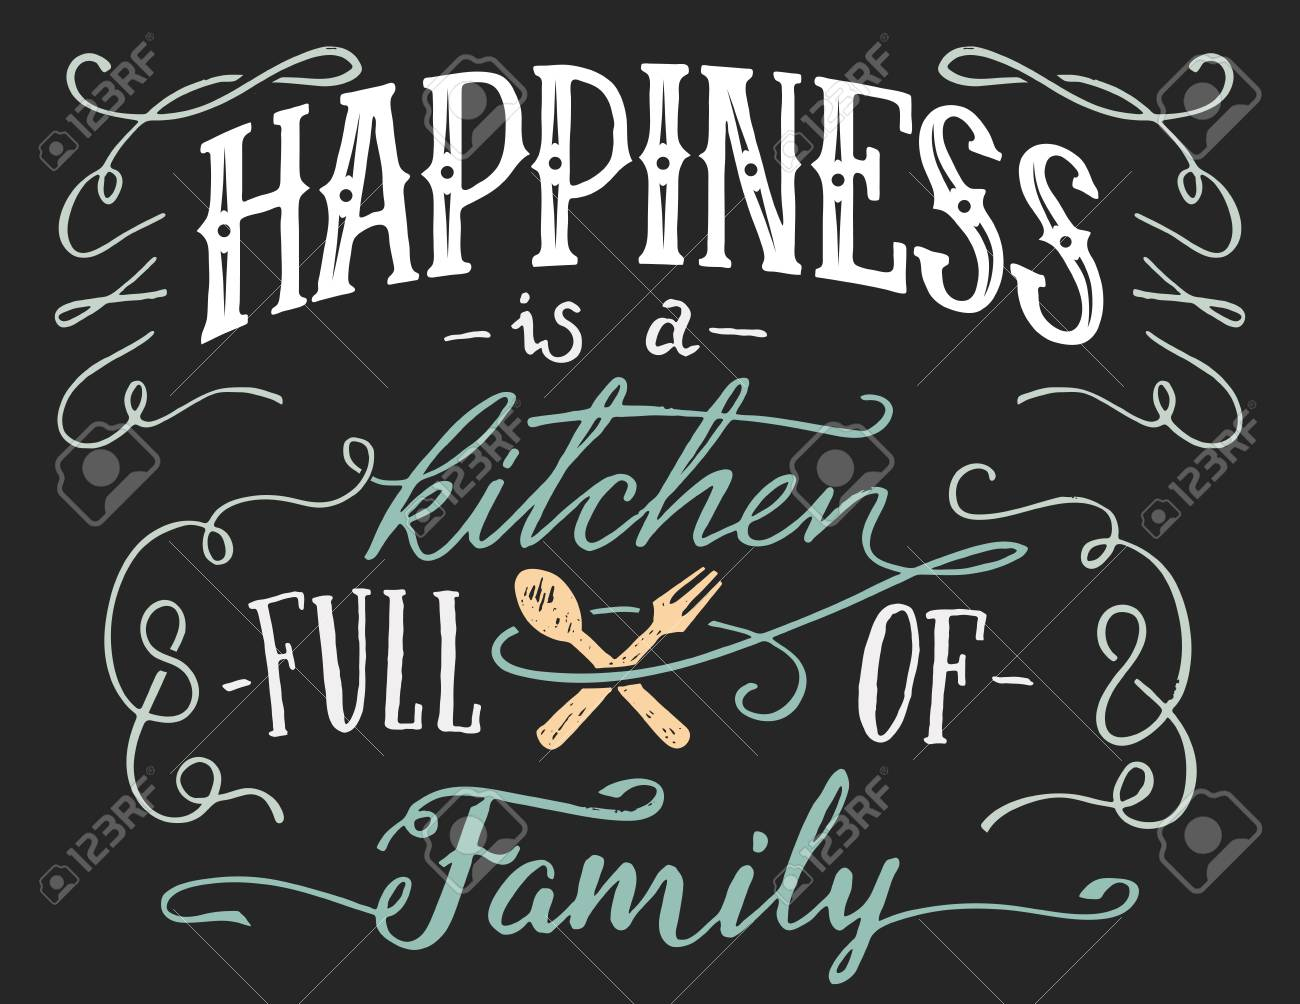 Le Bonheur Est Une Cuisine Pleine De Famille Signe De Citation Lettrage à La Main Pour La Décoration Intérieure Affiche De Typographie Dessinée à La